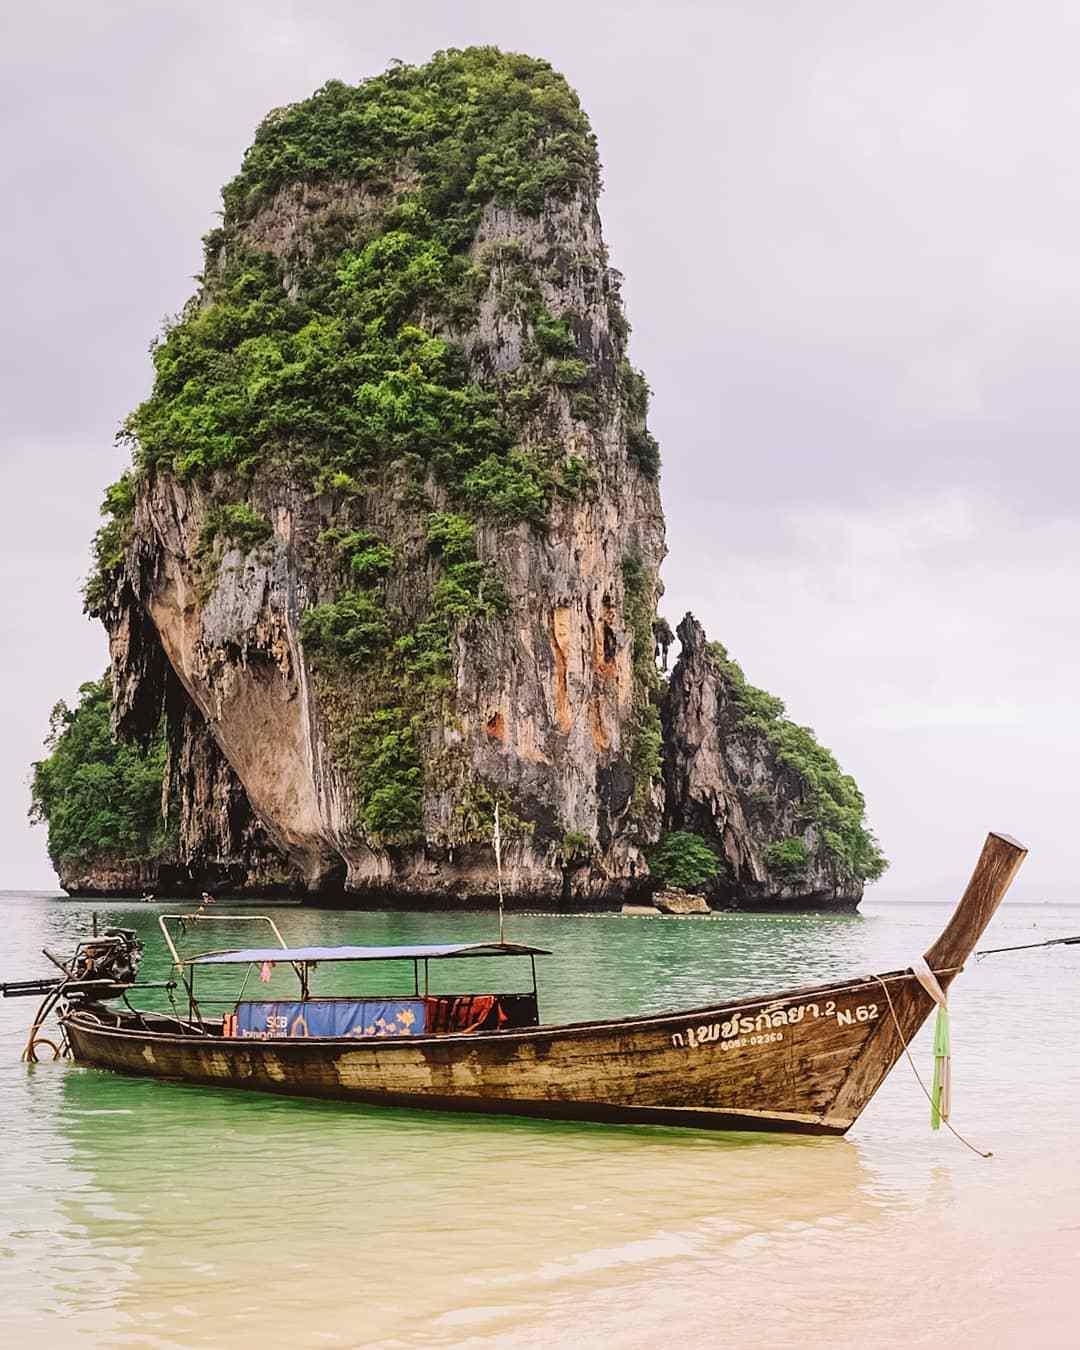 Phra Nang Beach met grote rots en longtailboot